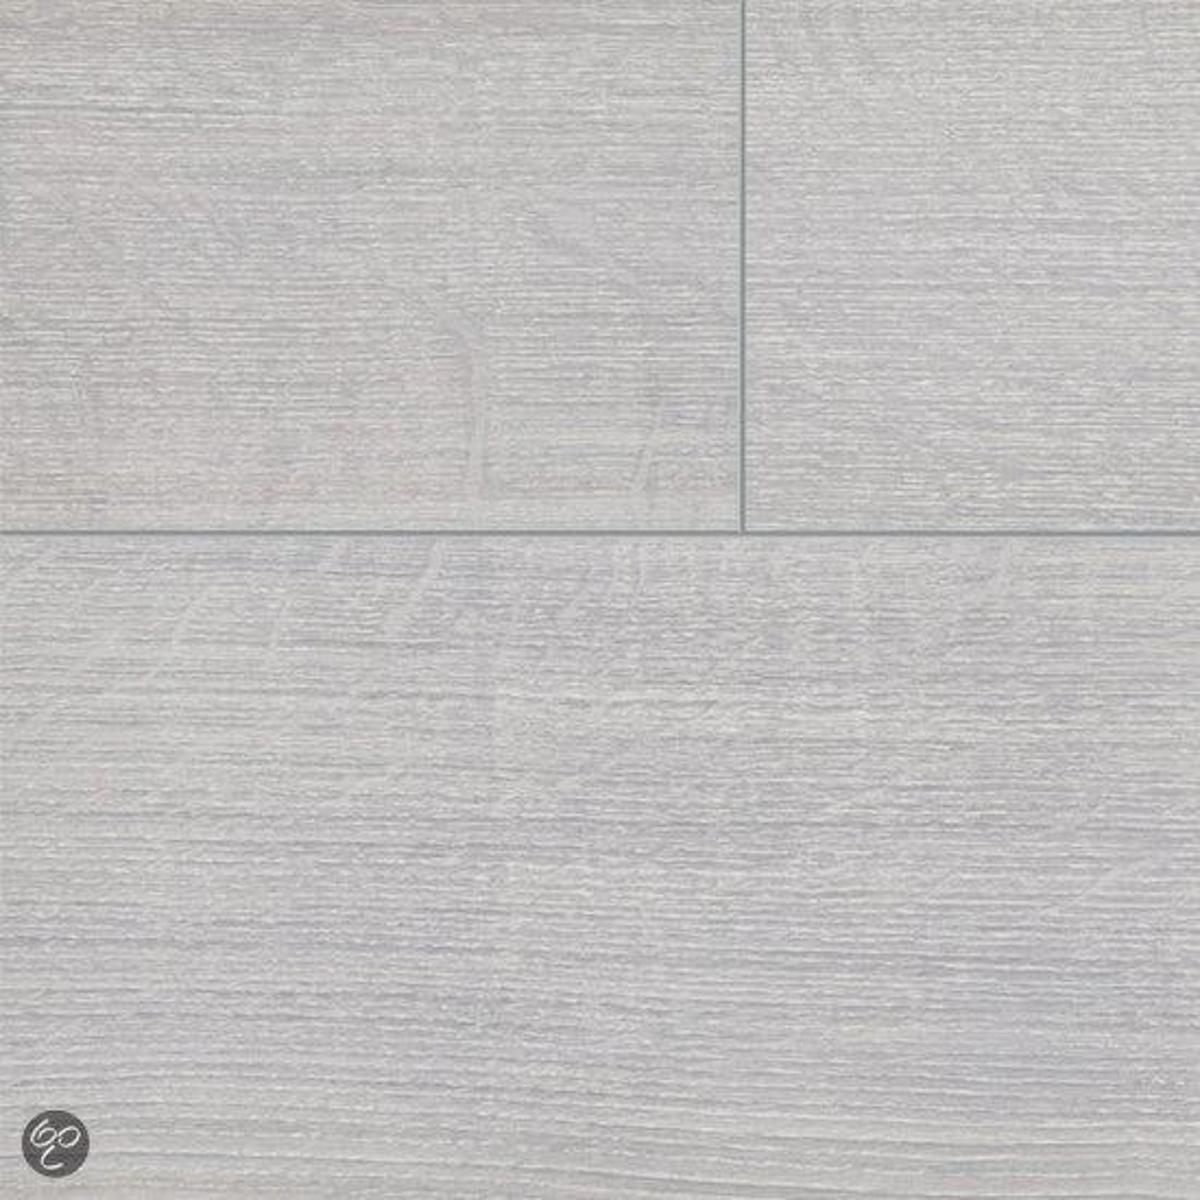 Quickstep Laminaat 950 Perspective Wide V4 kopen